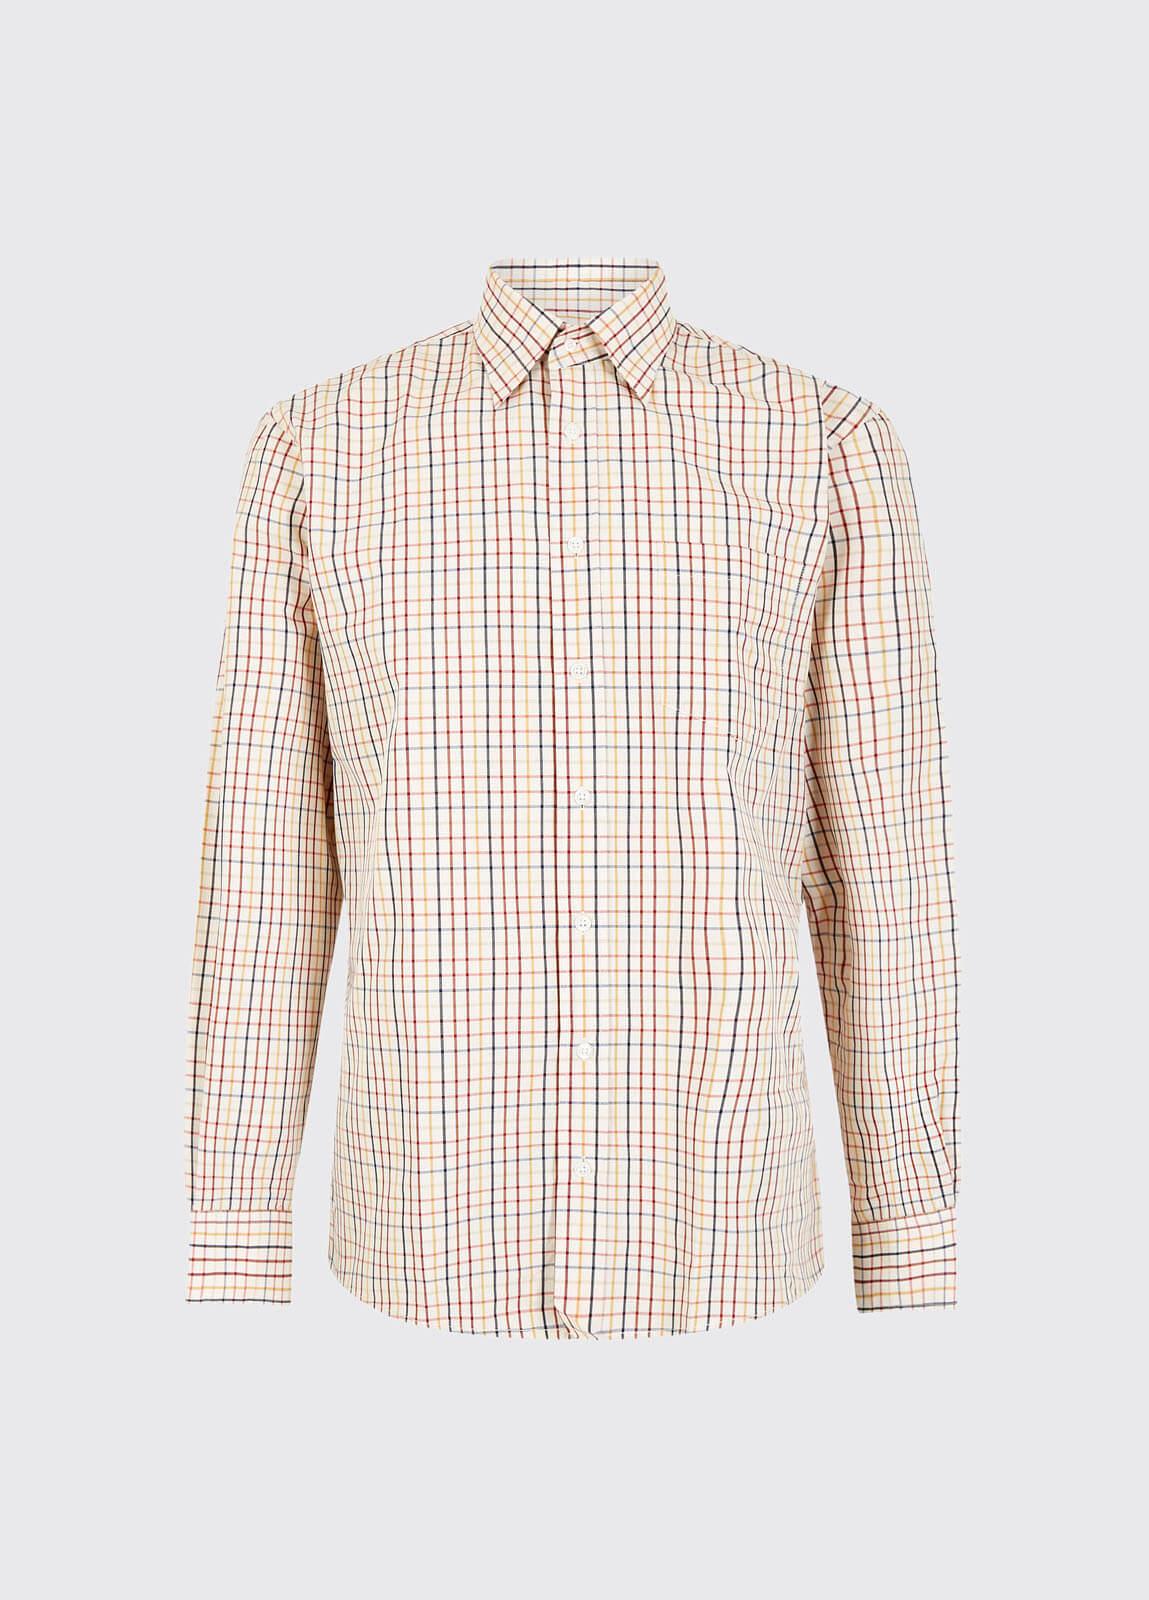 Baylin Shirt - Merlot Multi